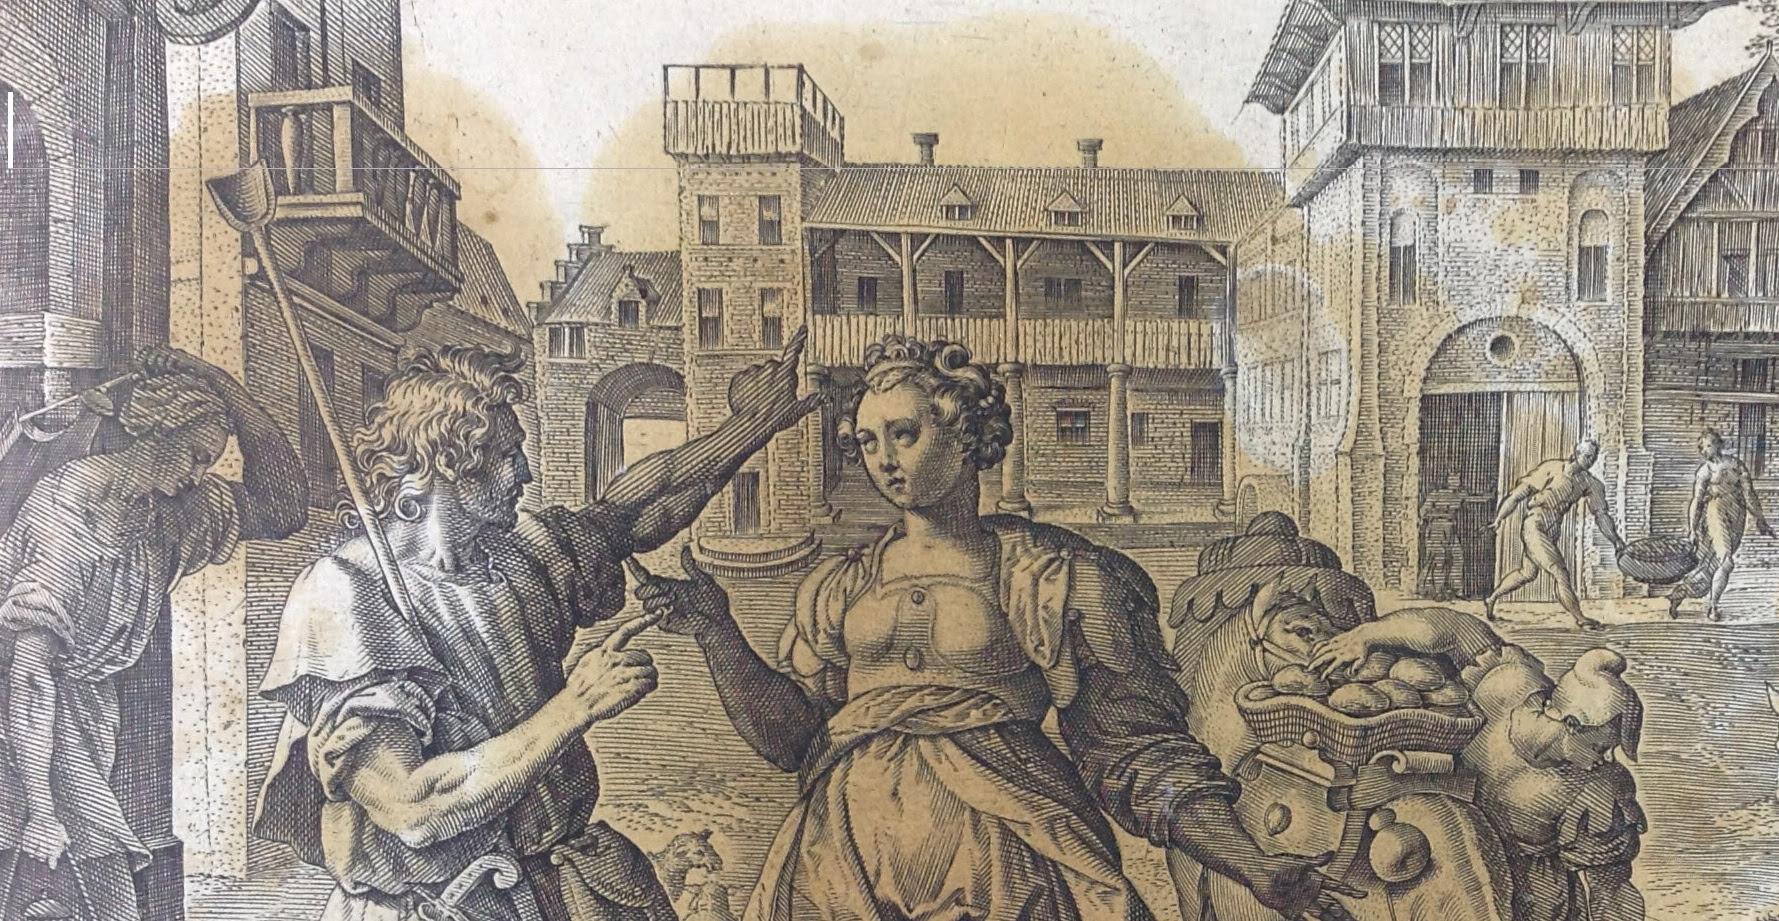 Библия Пискатора 1643 года из собрания Ярославского художественного музея